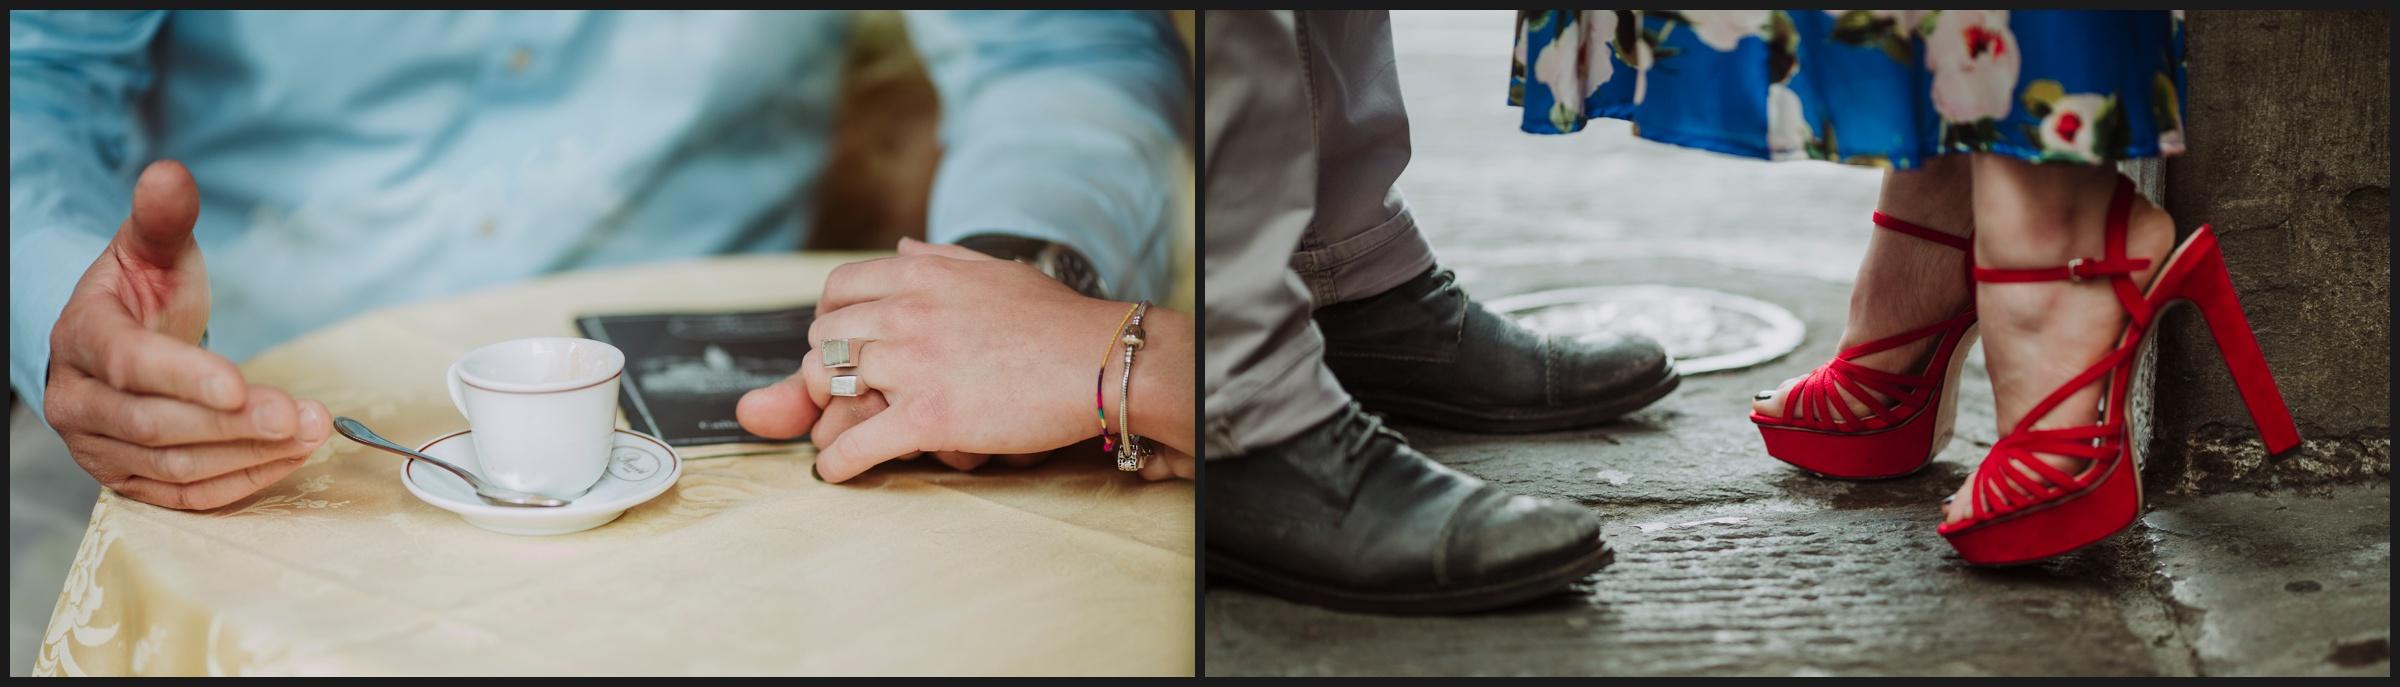 Engagement photo session, Details